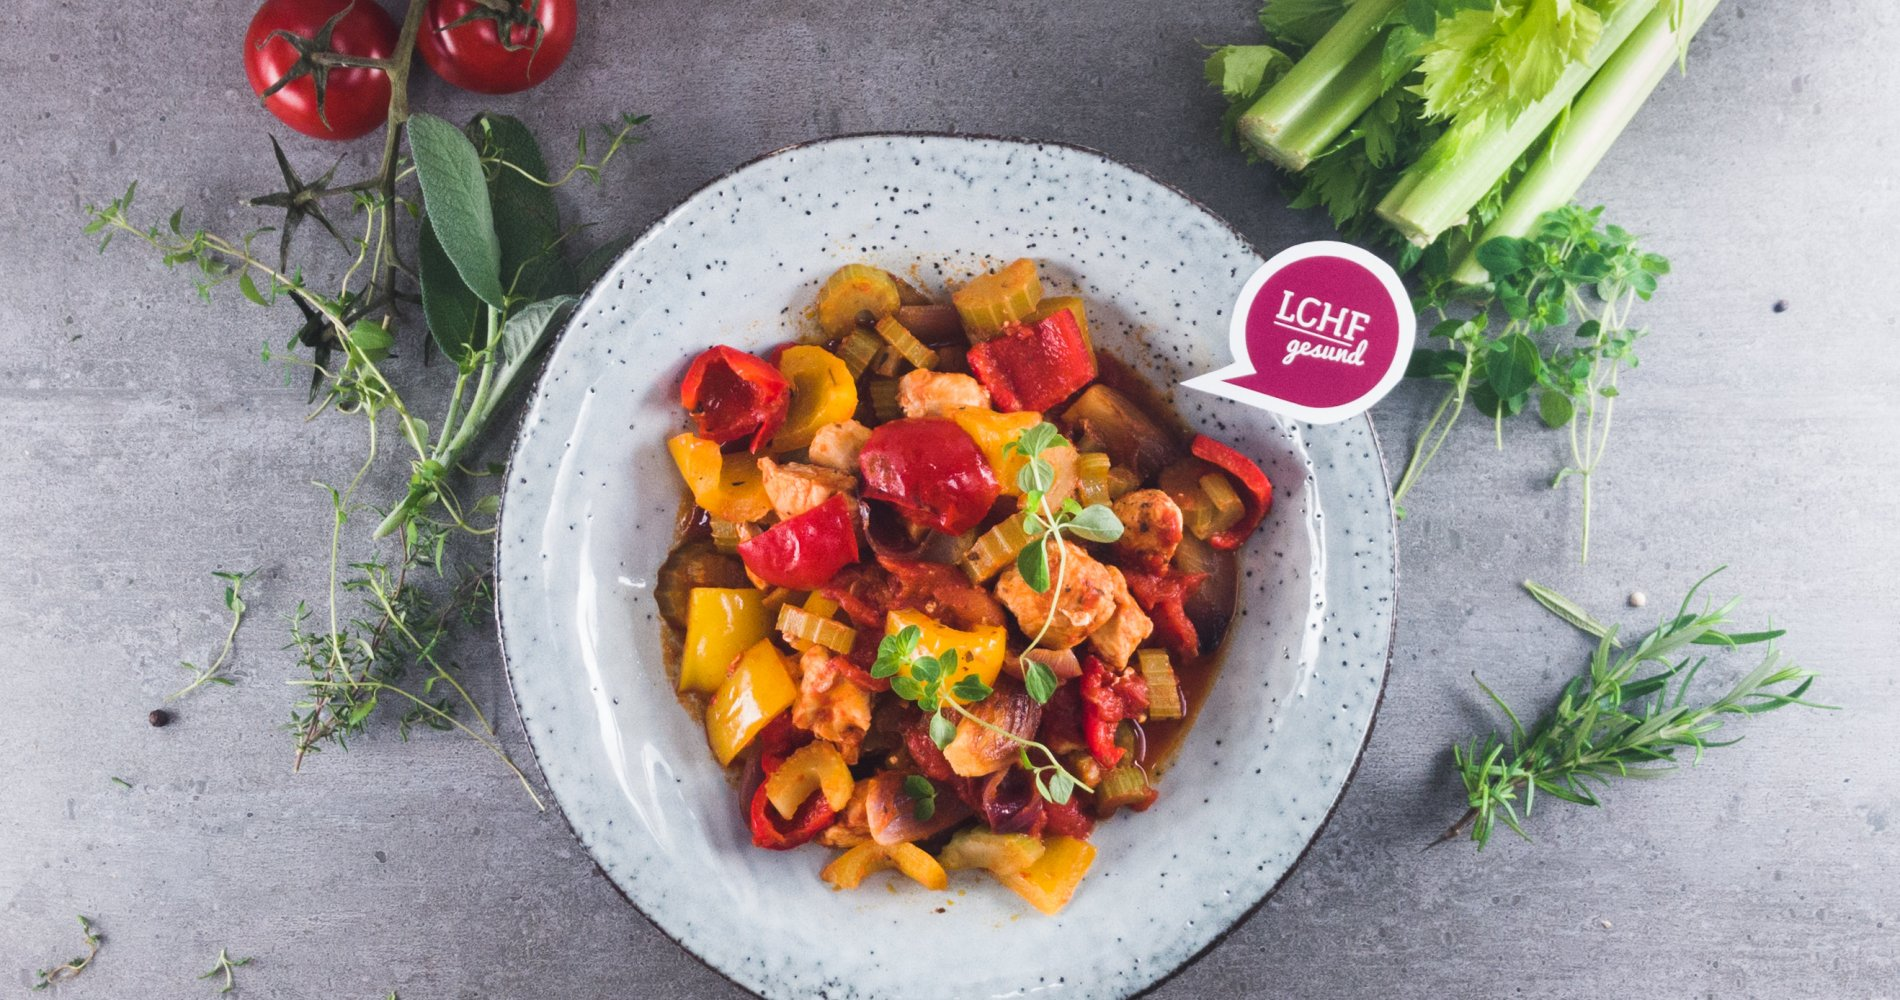 Rezept Low Carb: Schneller Sellerie-Tomaten-Eintopf - LCHF-gesund.de